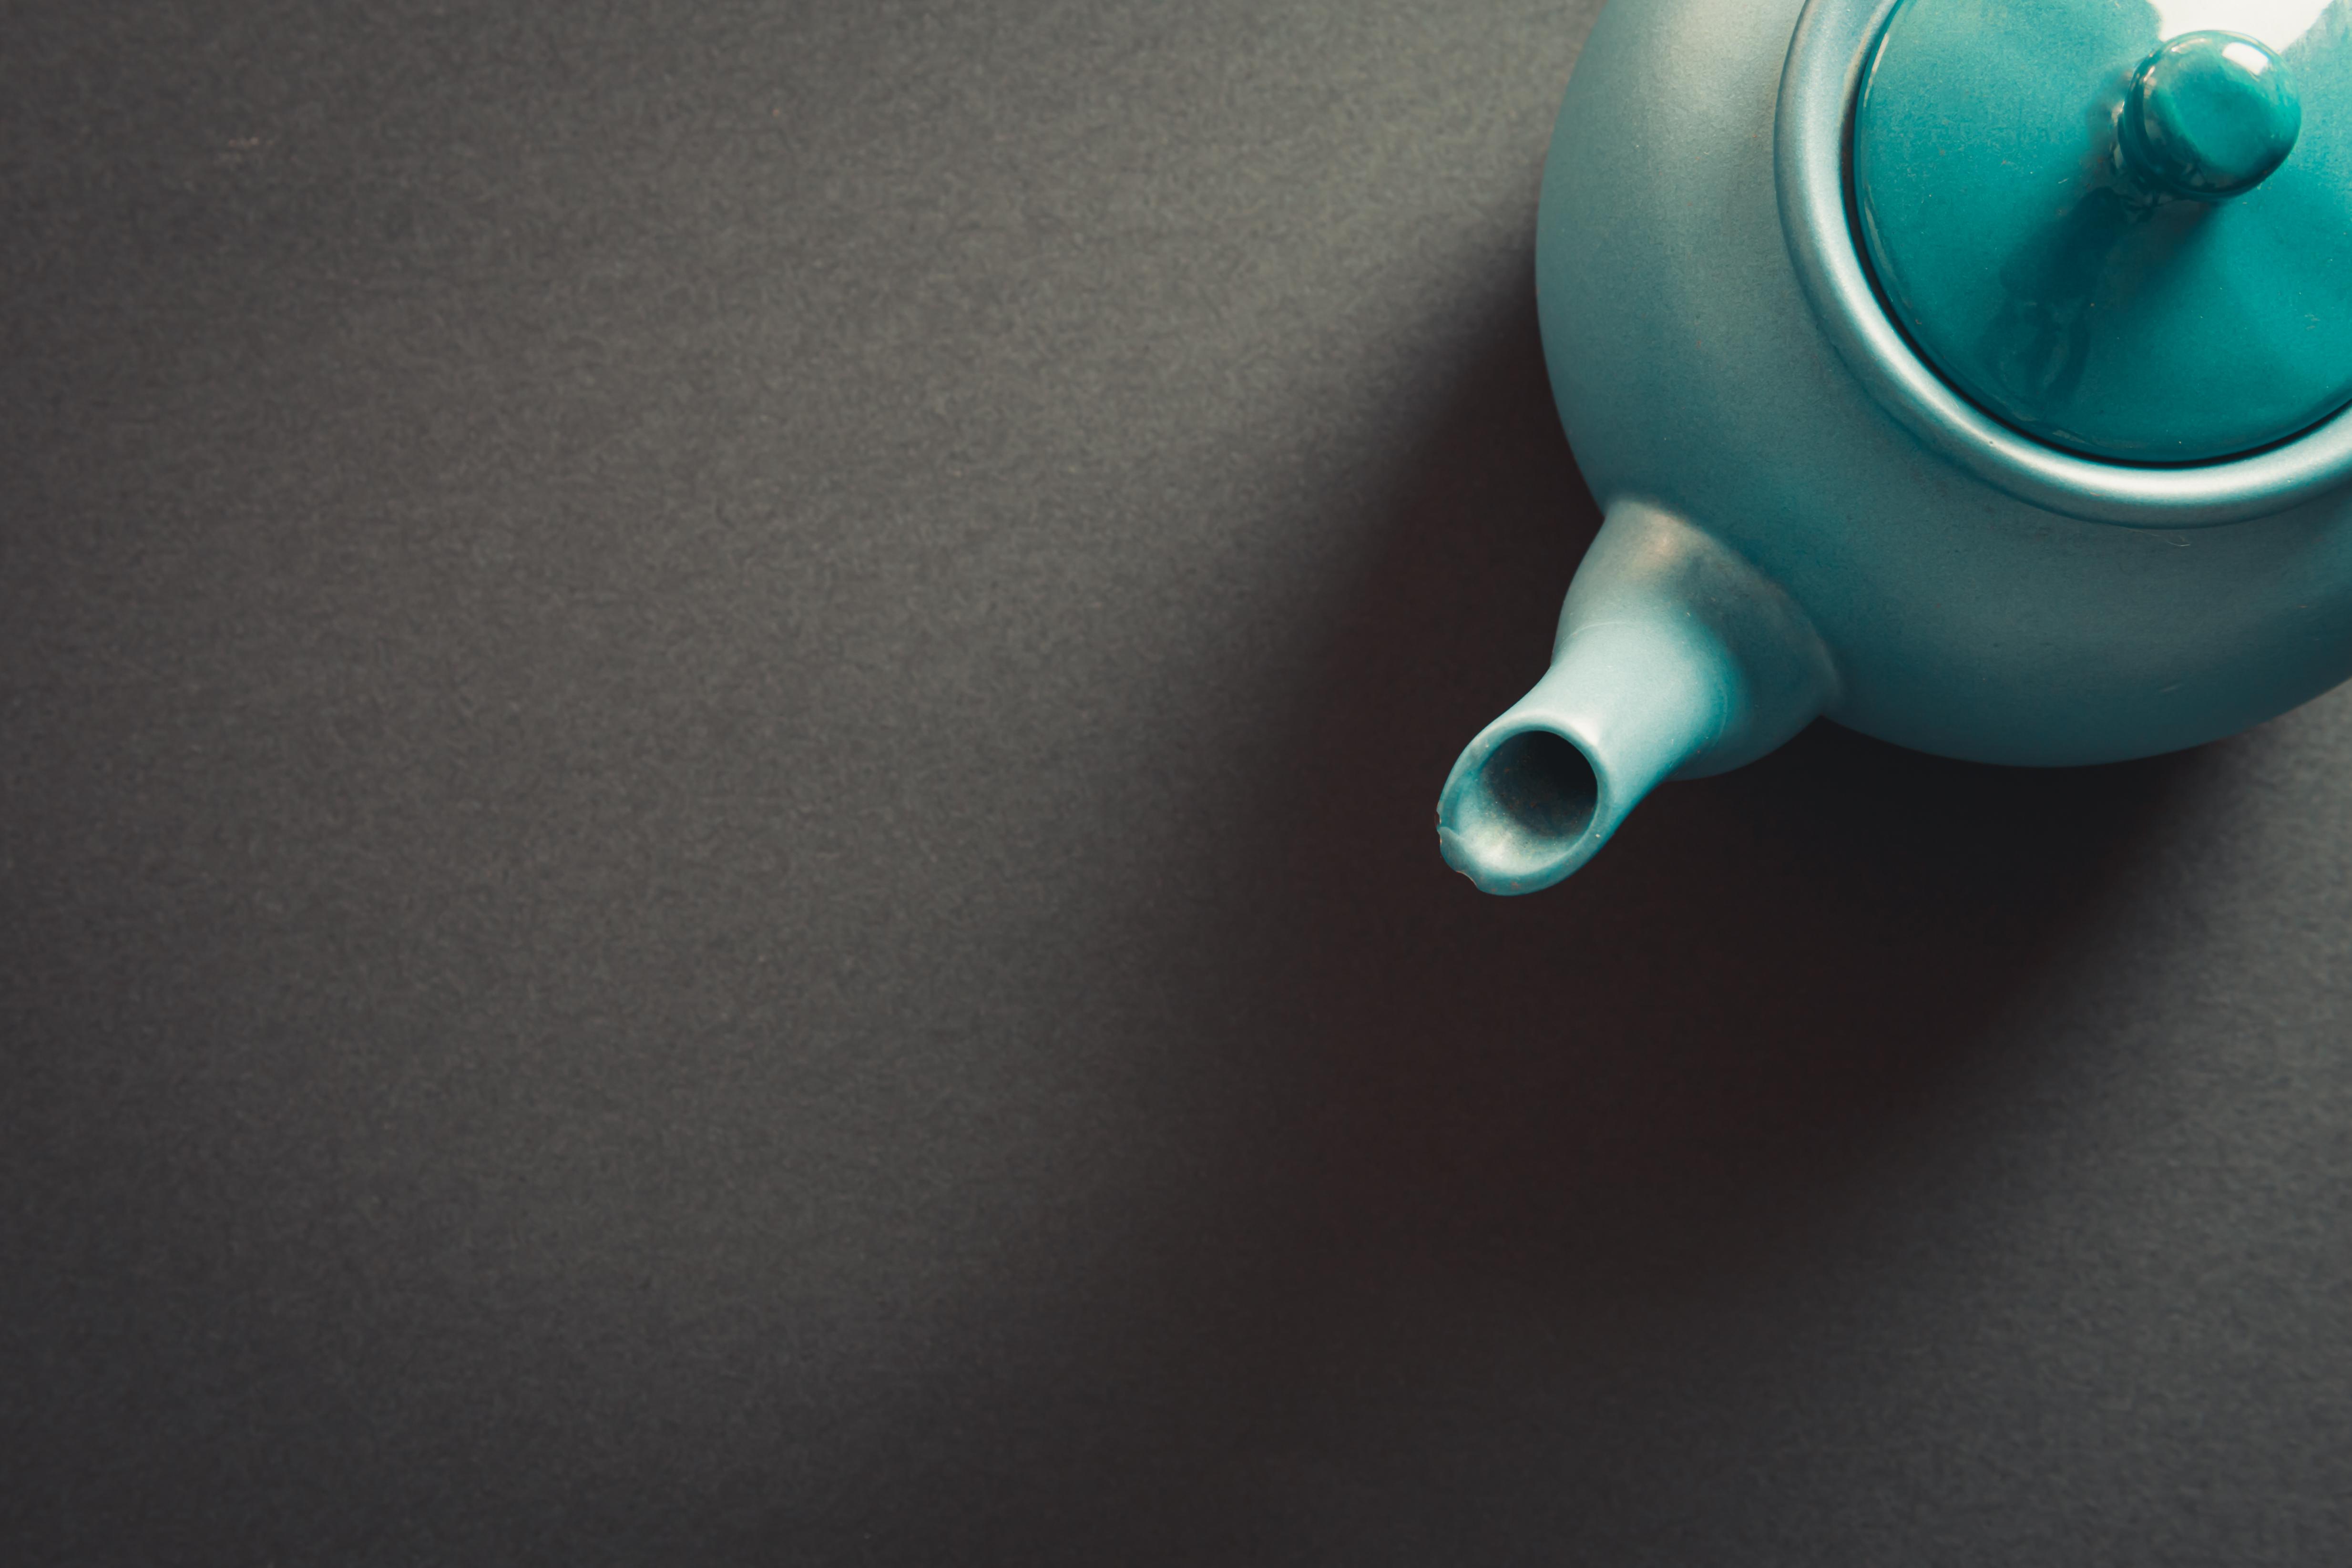 A blue vintage teapot